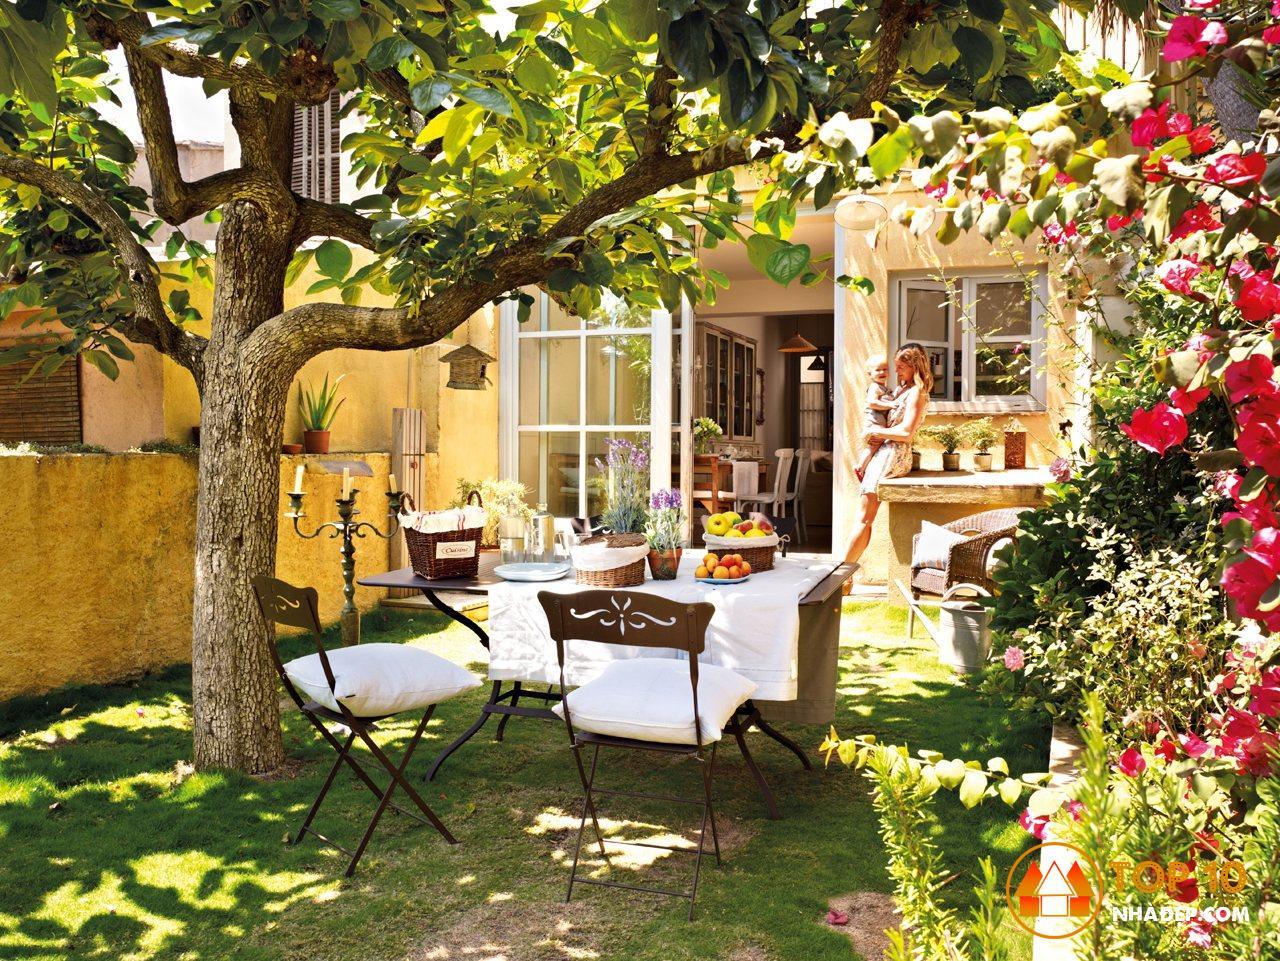 Tìm hiểu về phong cách nội thất Địa Trung Hải 5